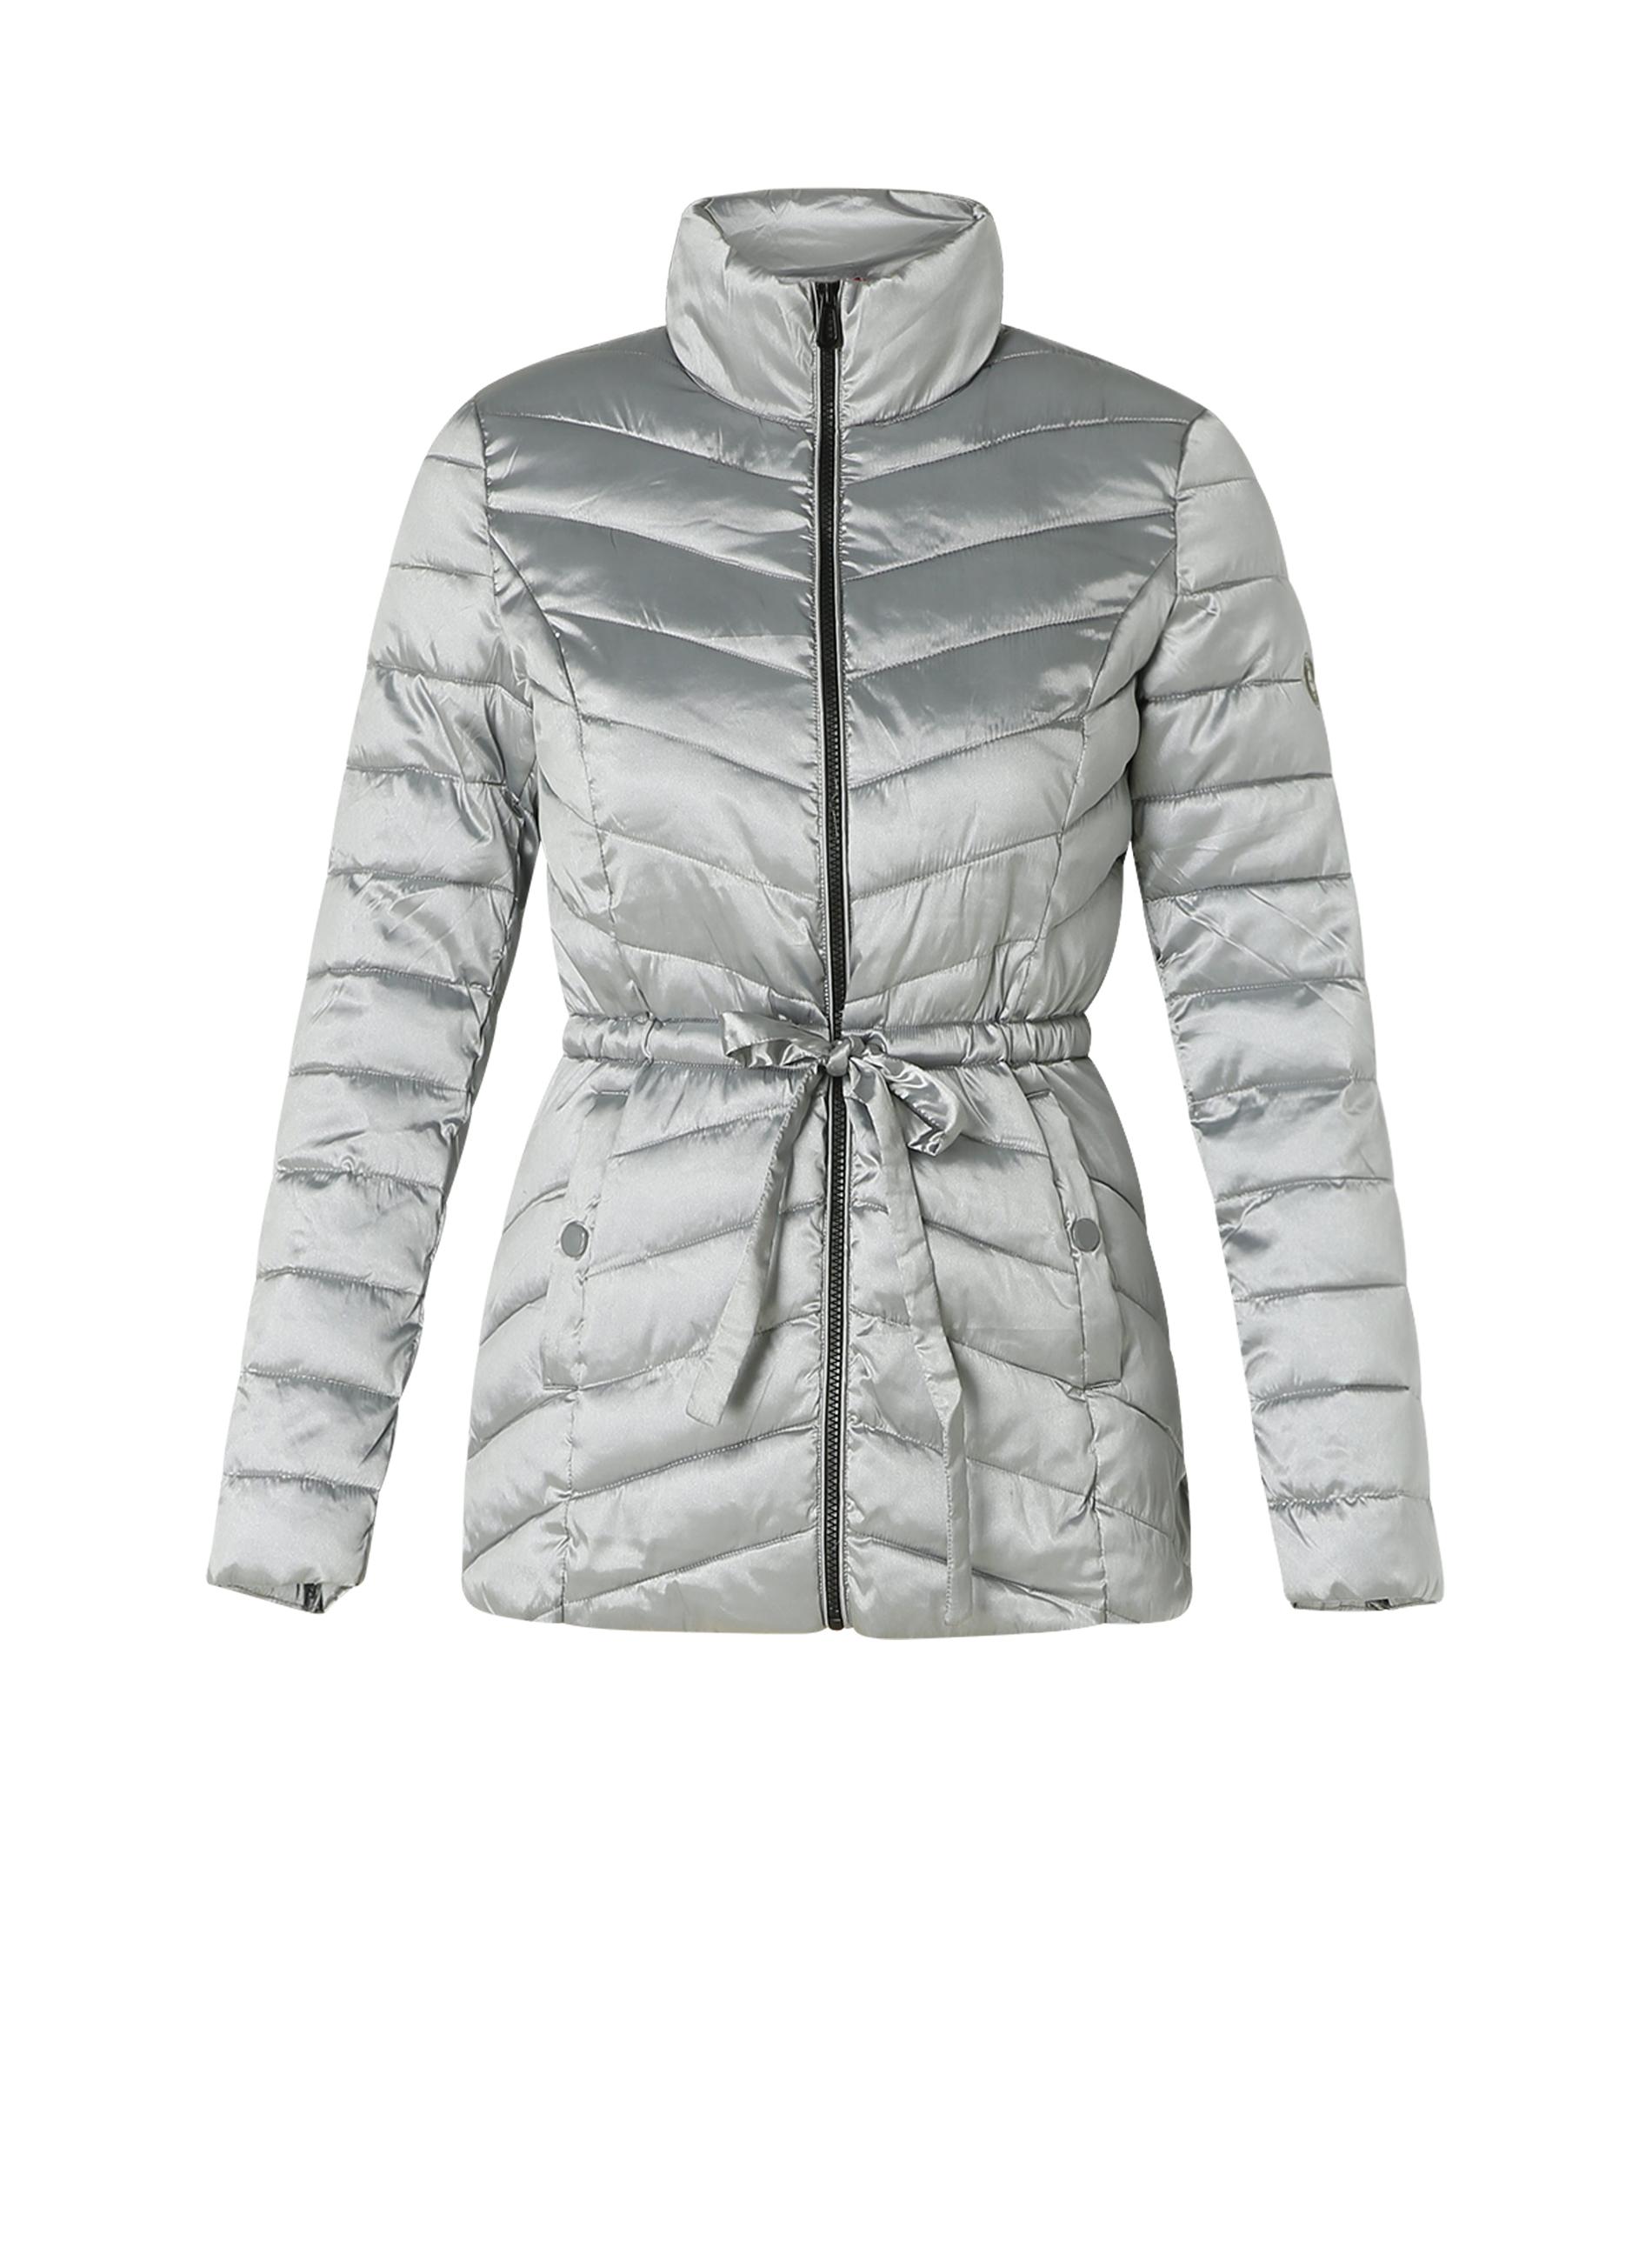 Jacket Summer Outerwear Yesta 80 cm